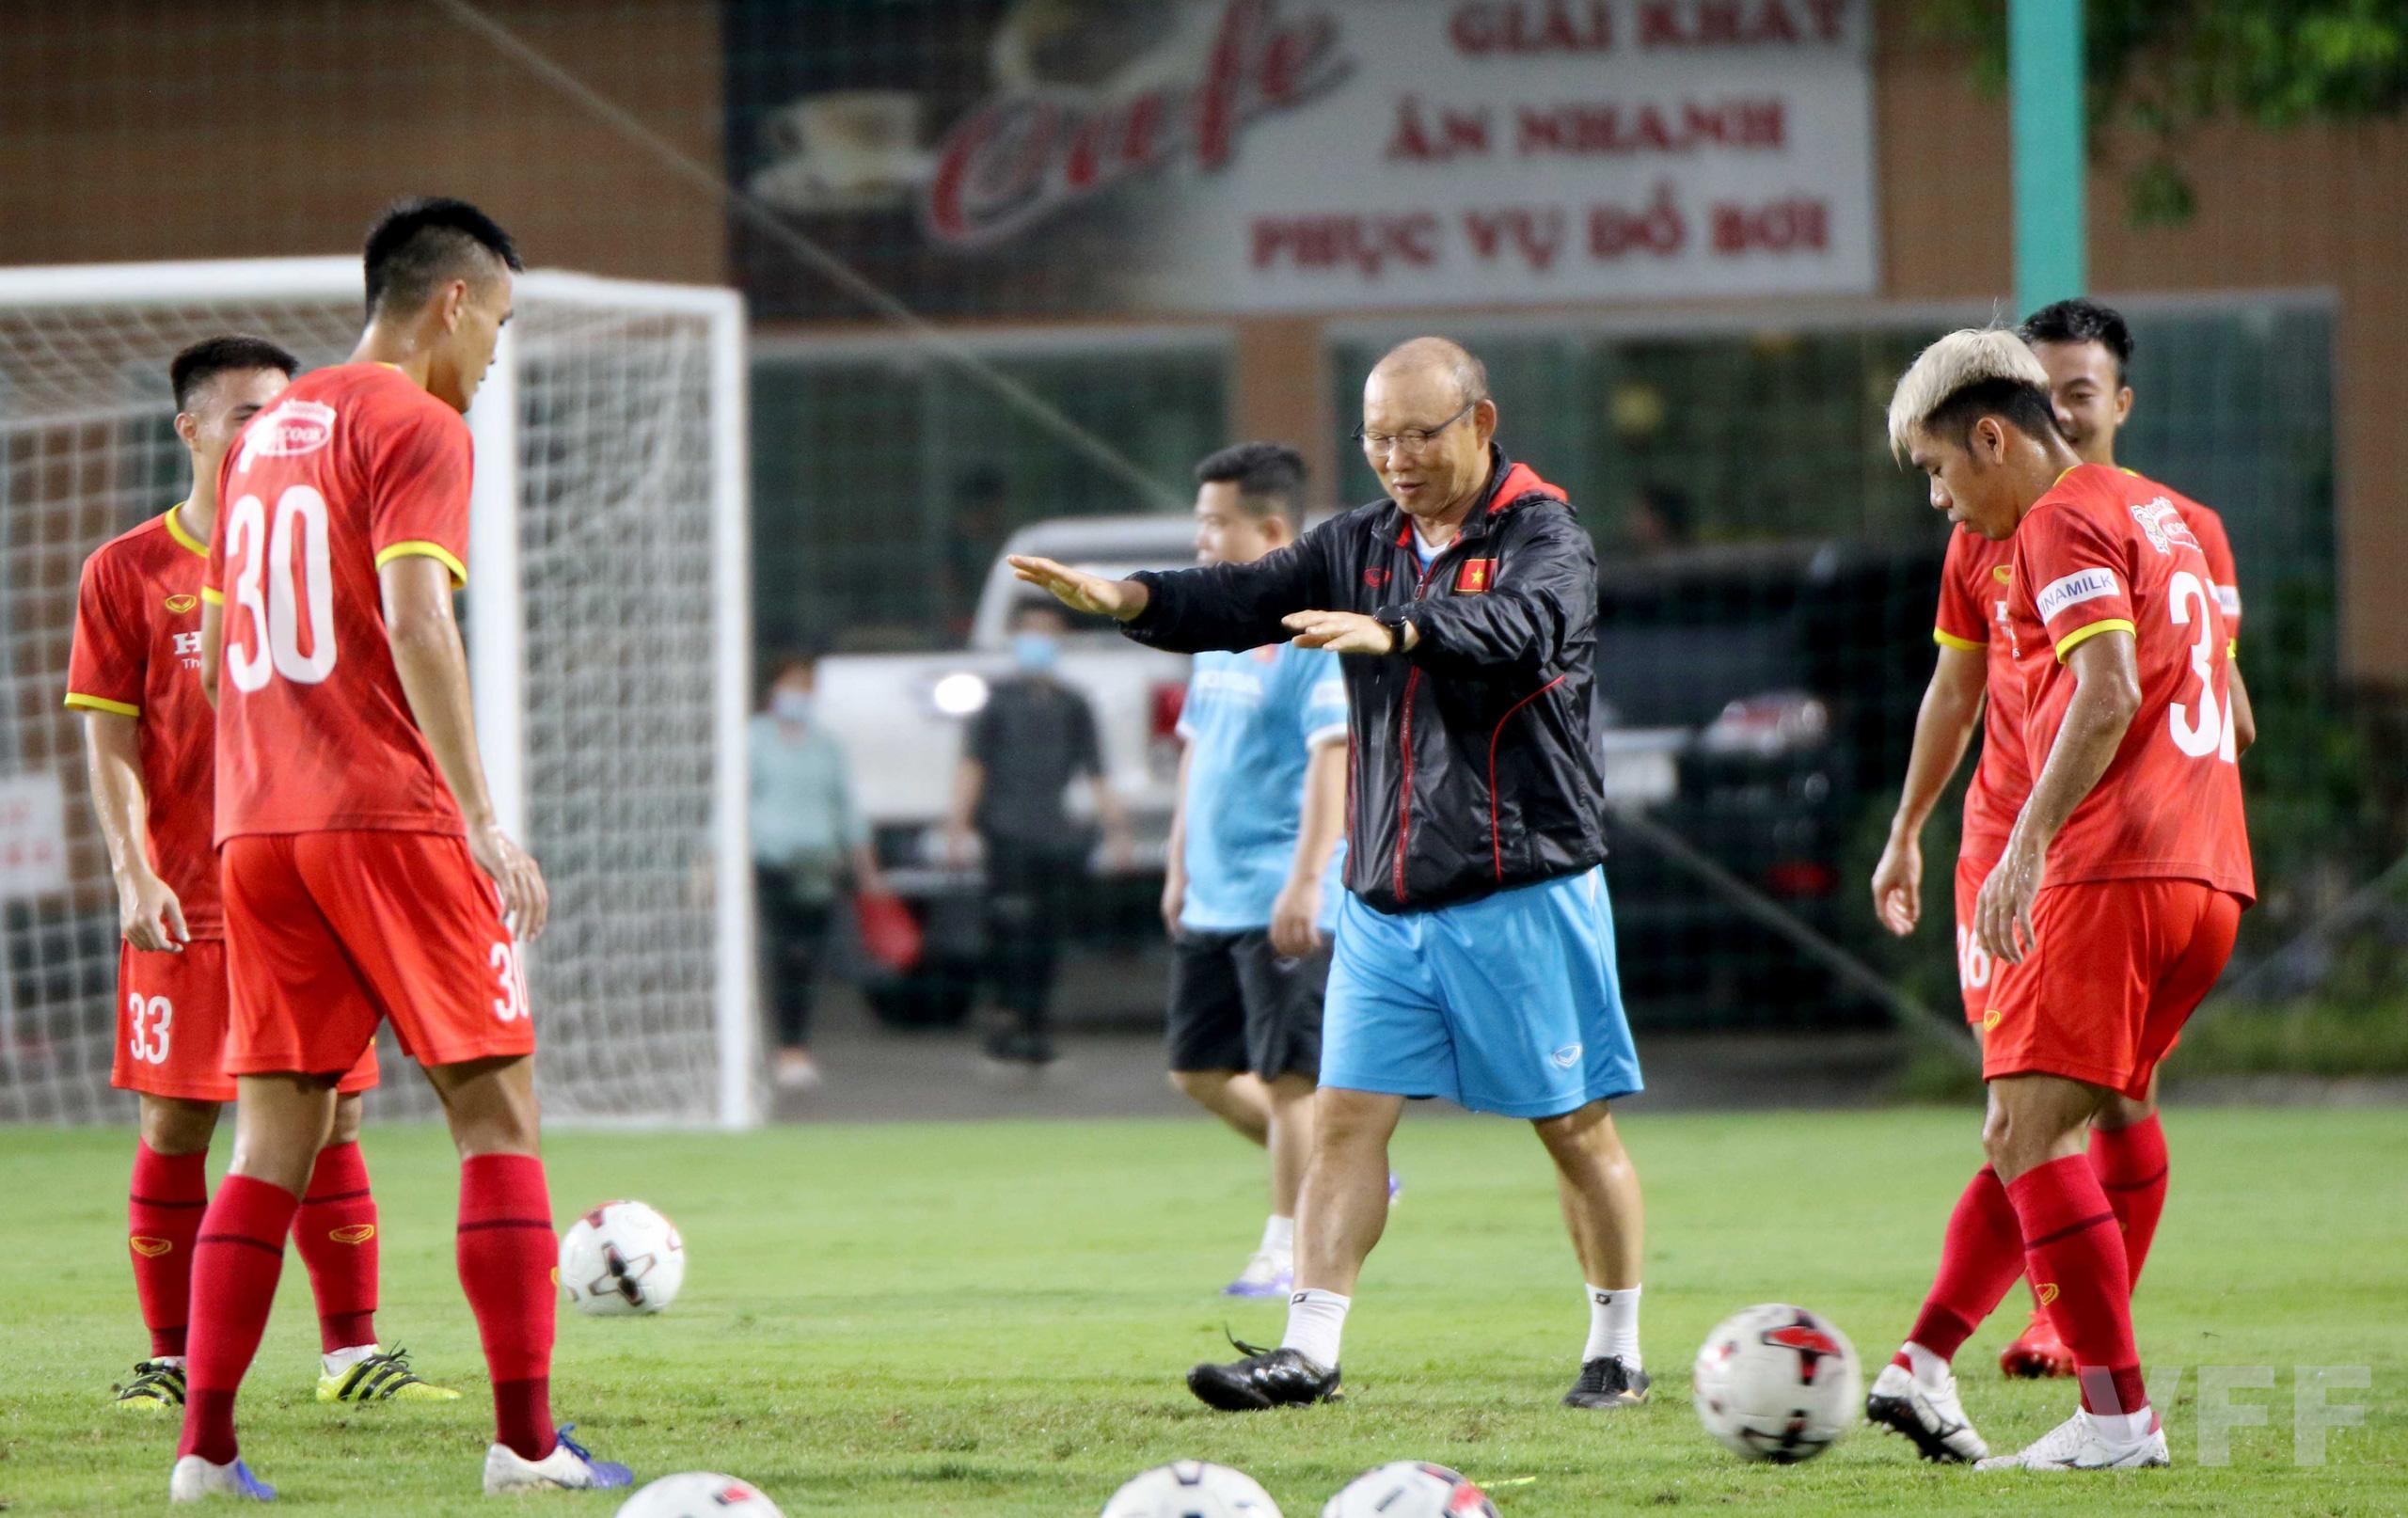 """HLV Park Hang-seo """"làm xiếc"""" với bóng khiến học trò ngỡ ngàng! - Ảnh 3."""